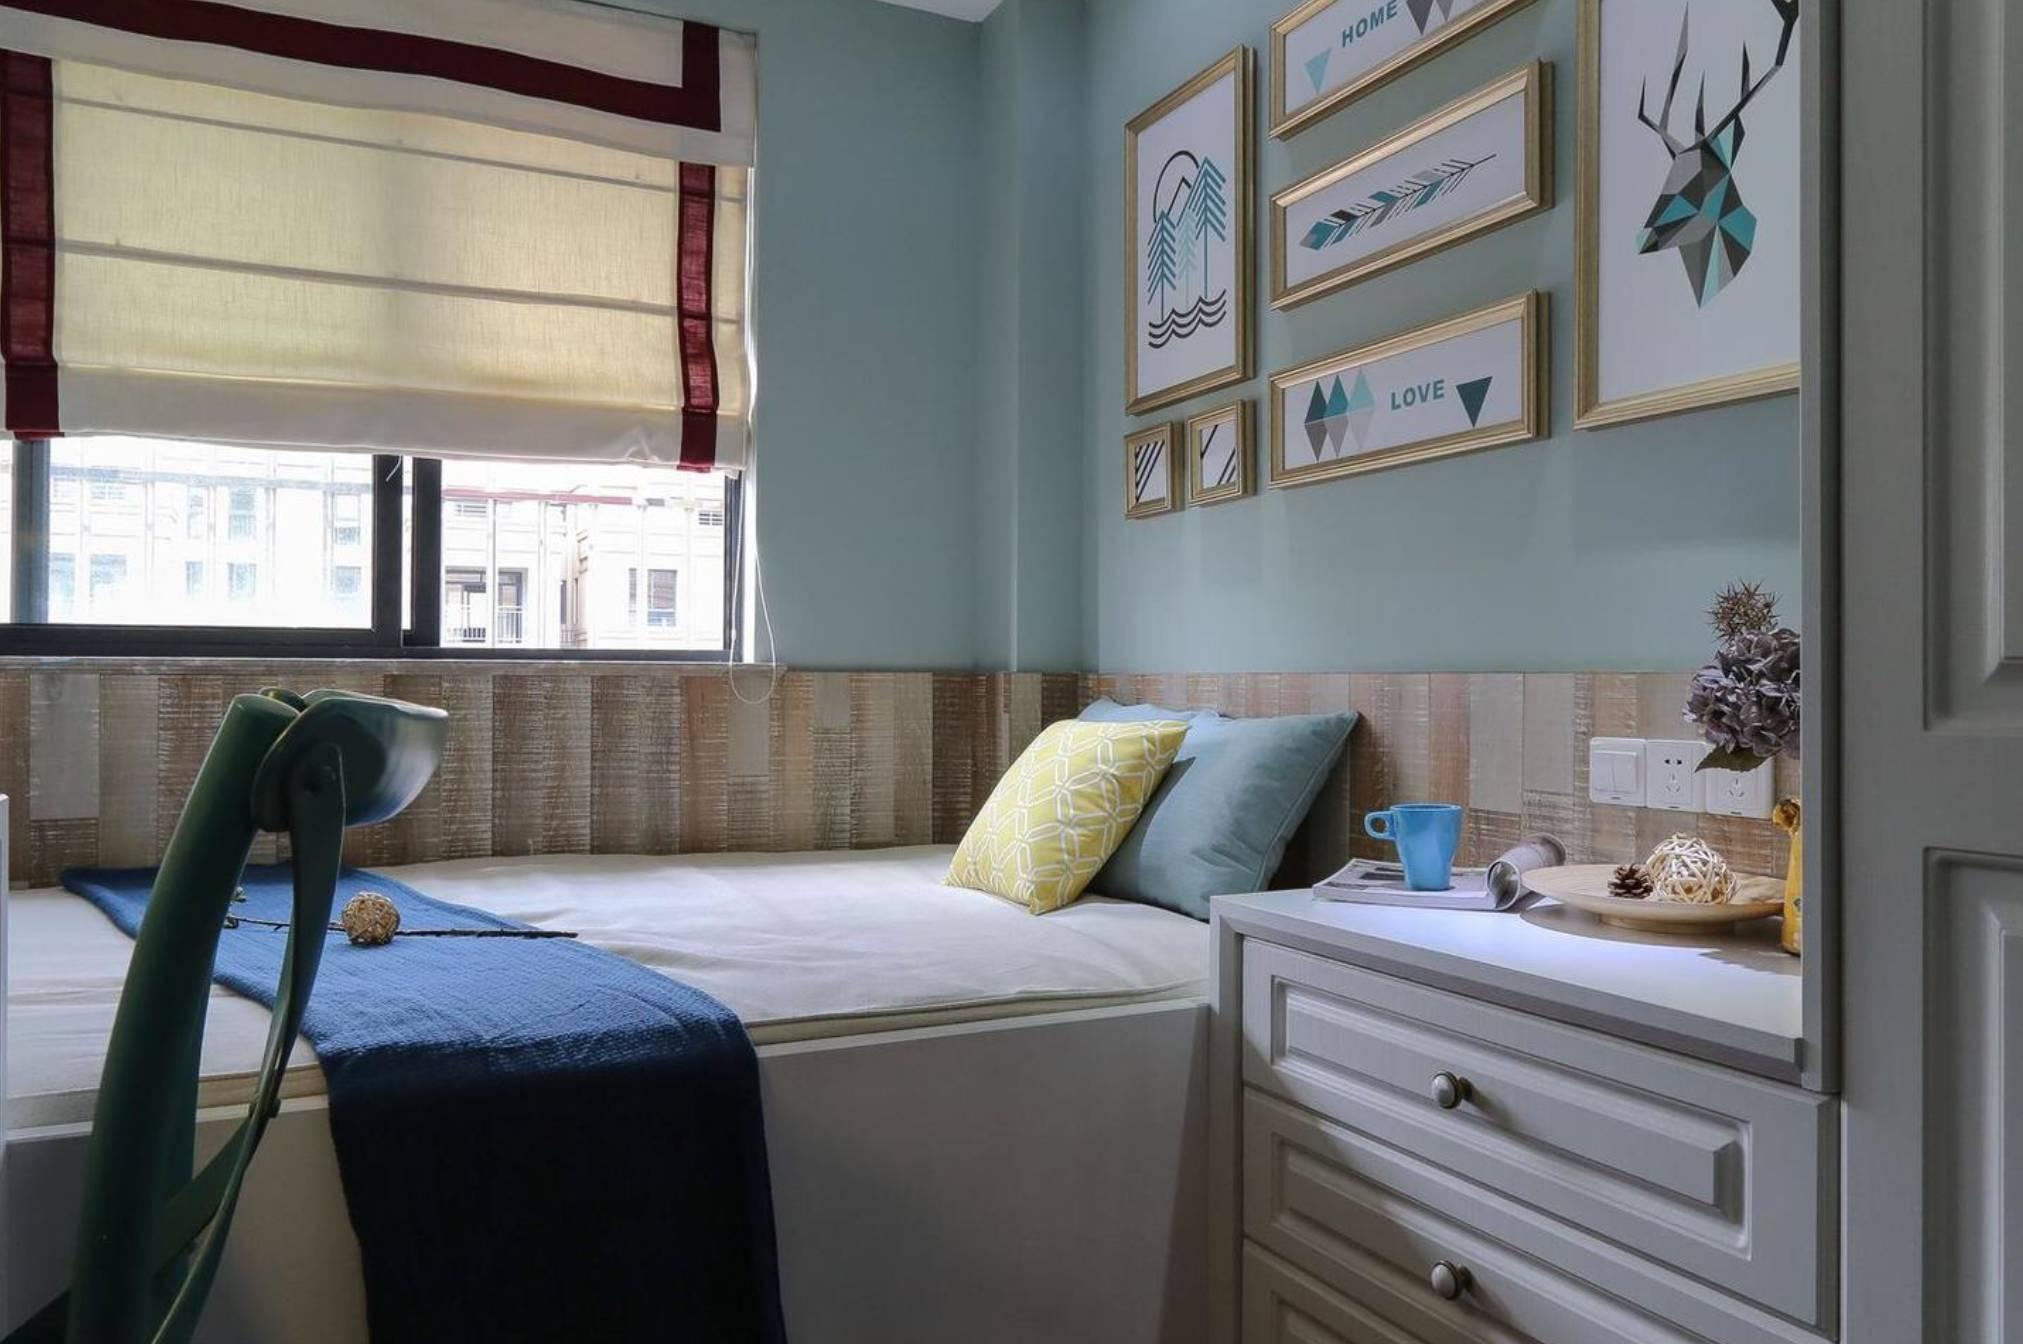 墙面用强化板充当护墙板的功能,床头背景用不同尺寸的几何图样金边图片